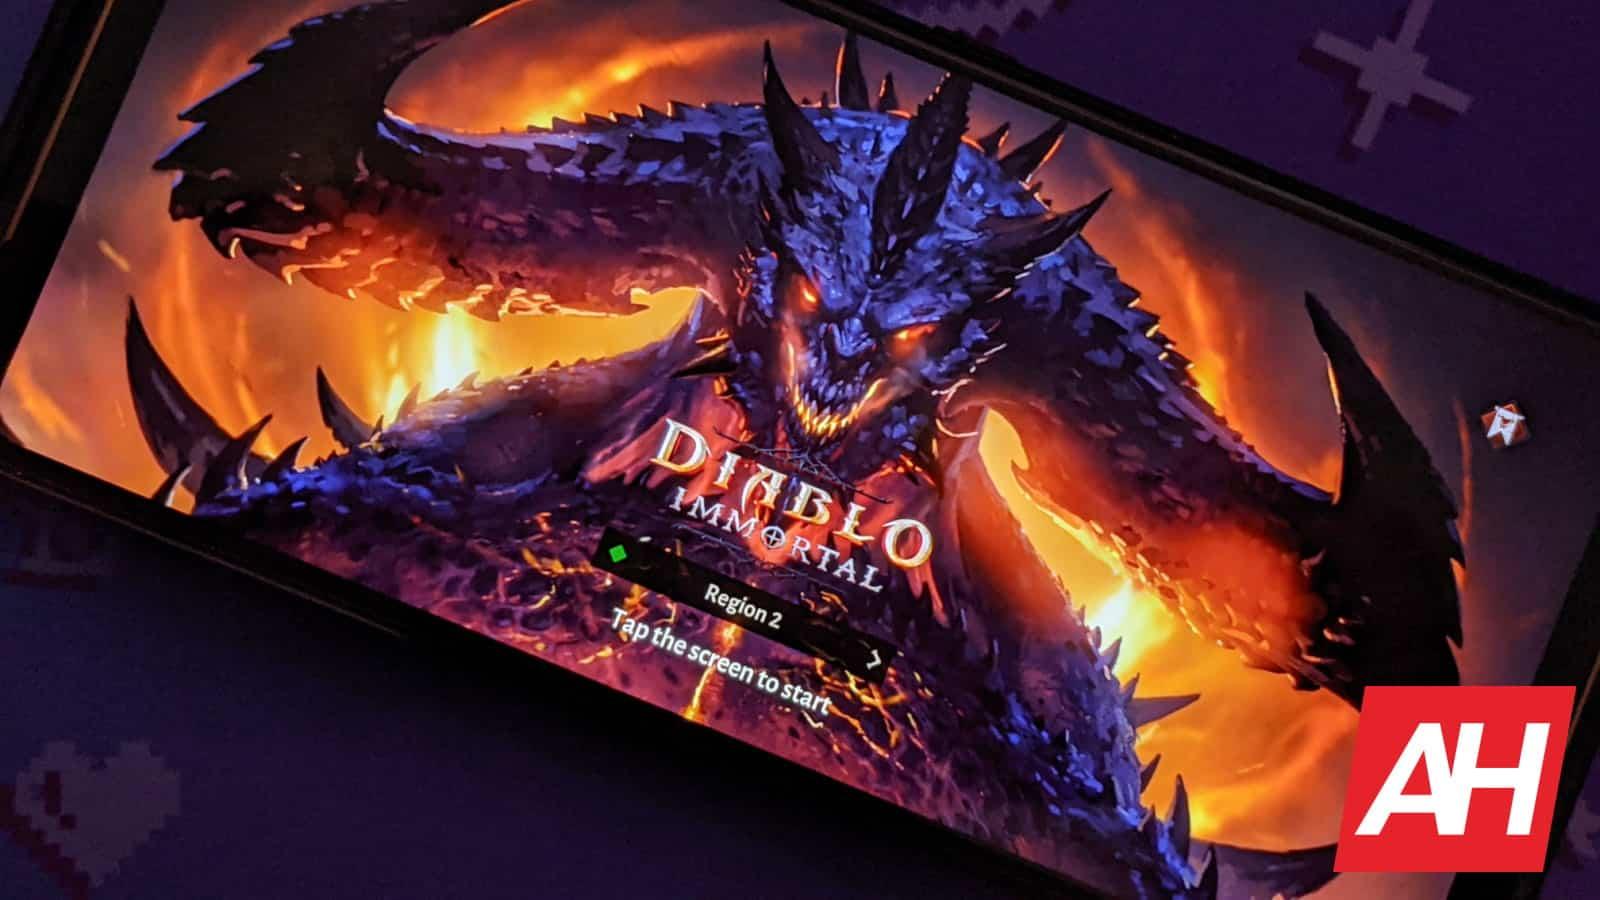 Blizzard Confirms Diablo Immortal Has Been Delayed Until 2022